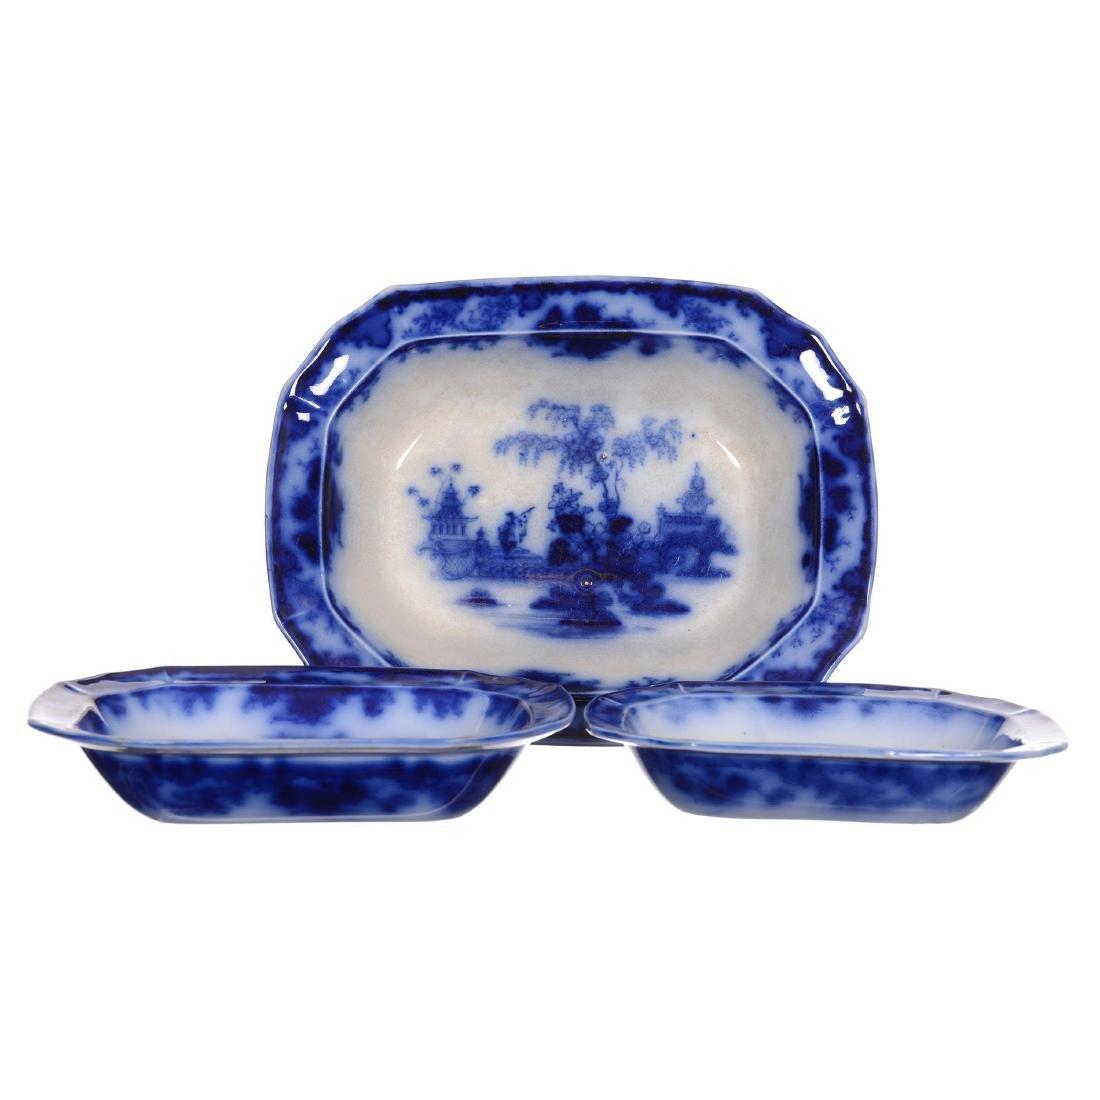 Flow Blue Scinde Pattern Set of (3) Nesting Bowls